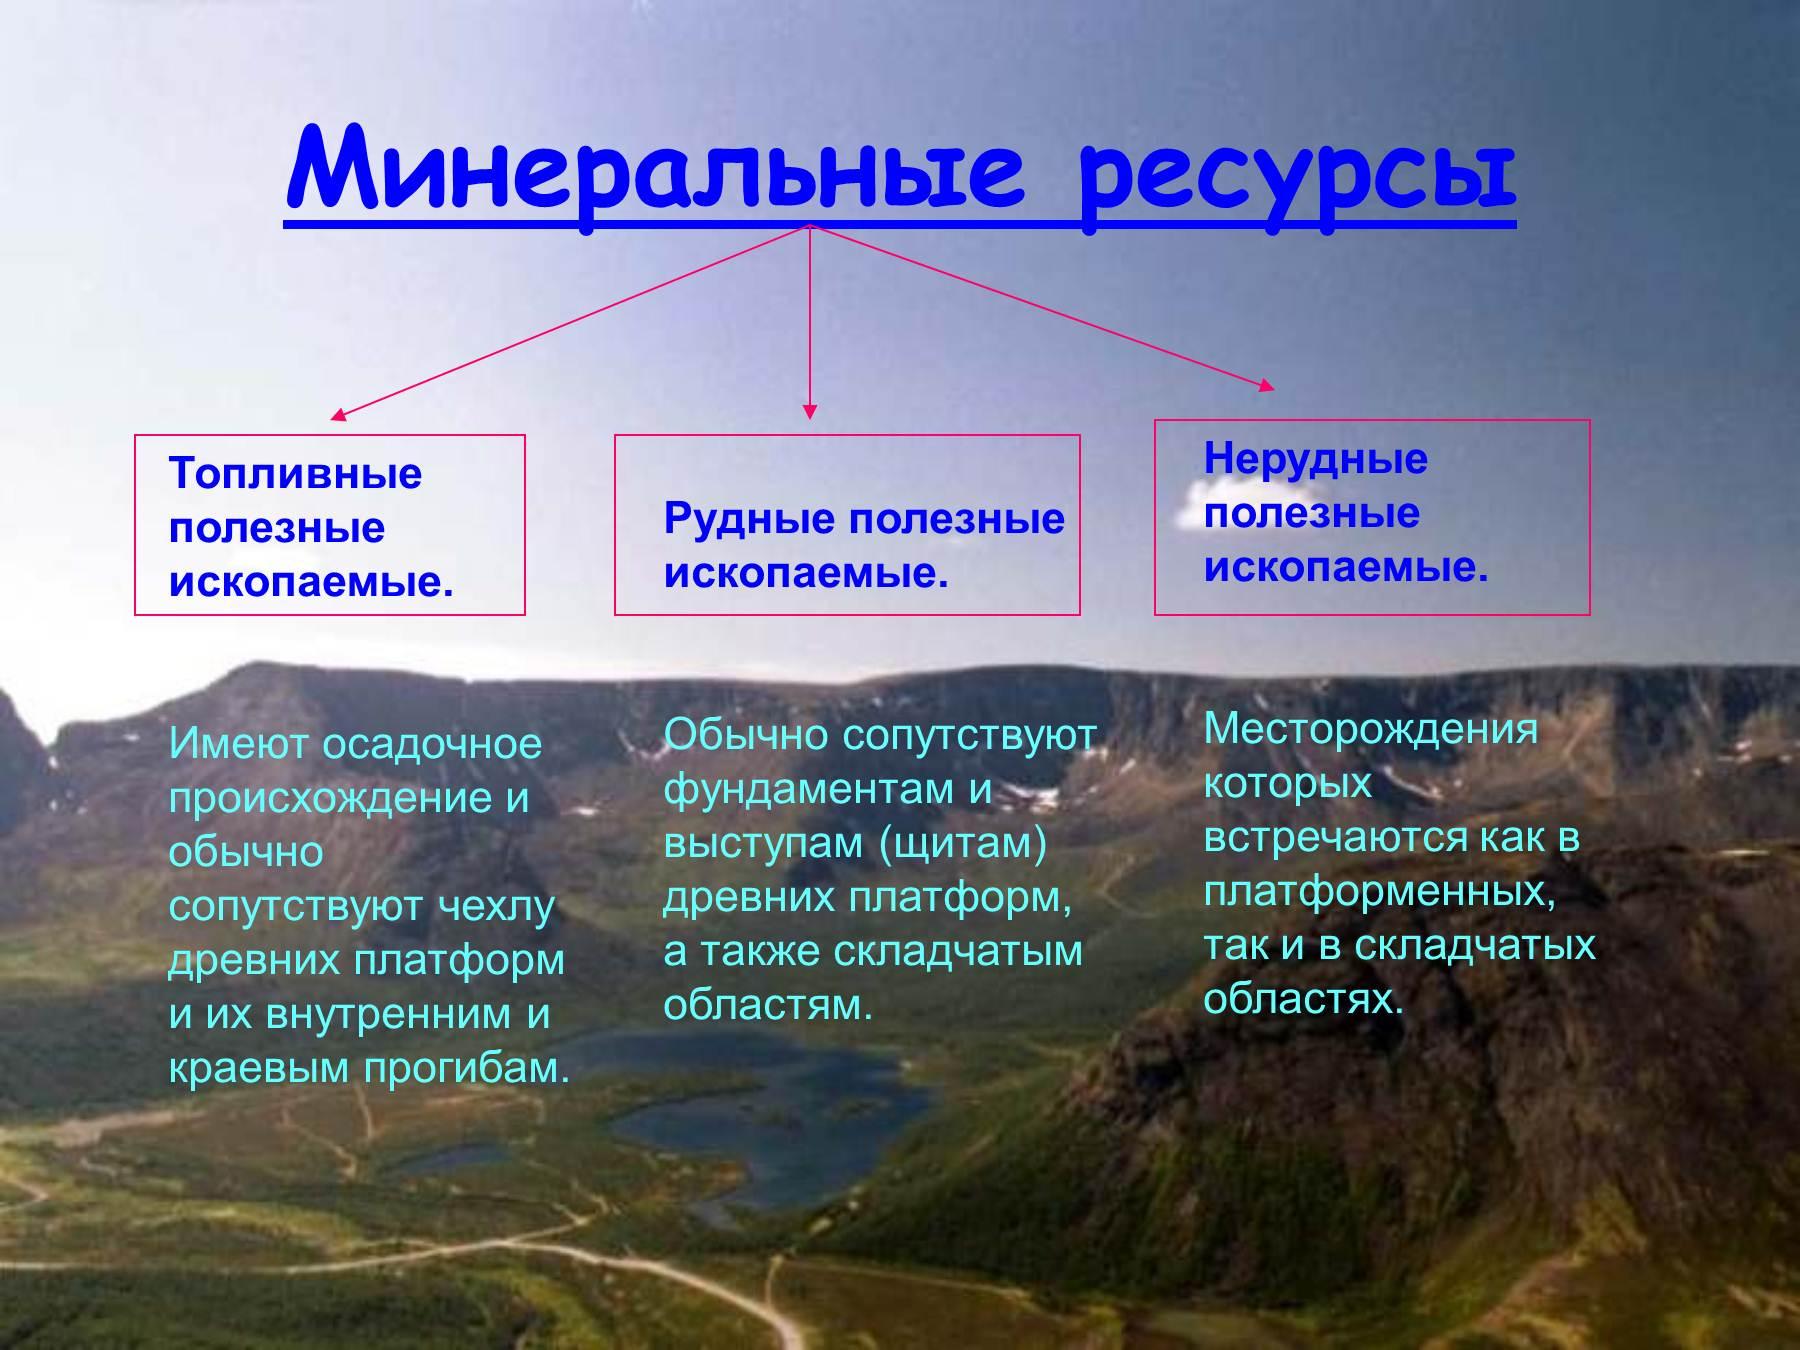 Минеральные природные ресурсы и их характеристика